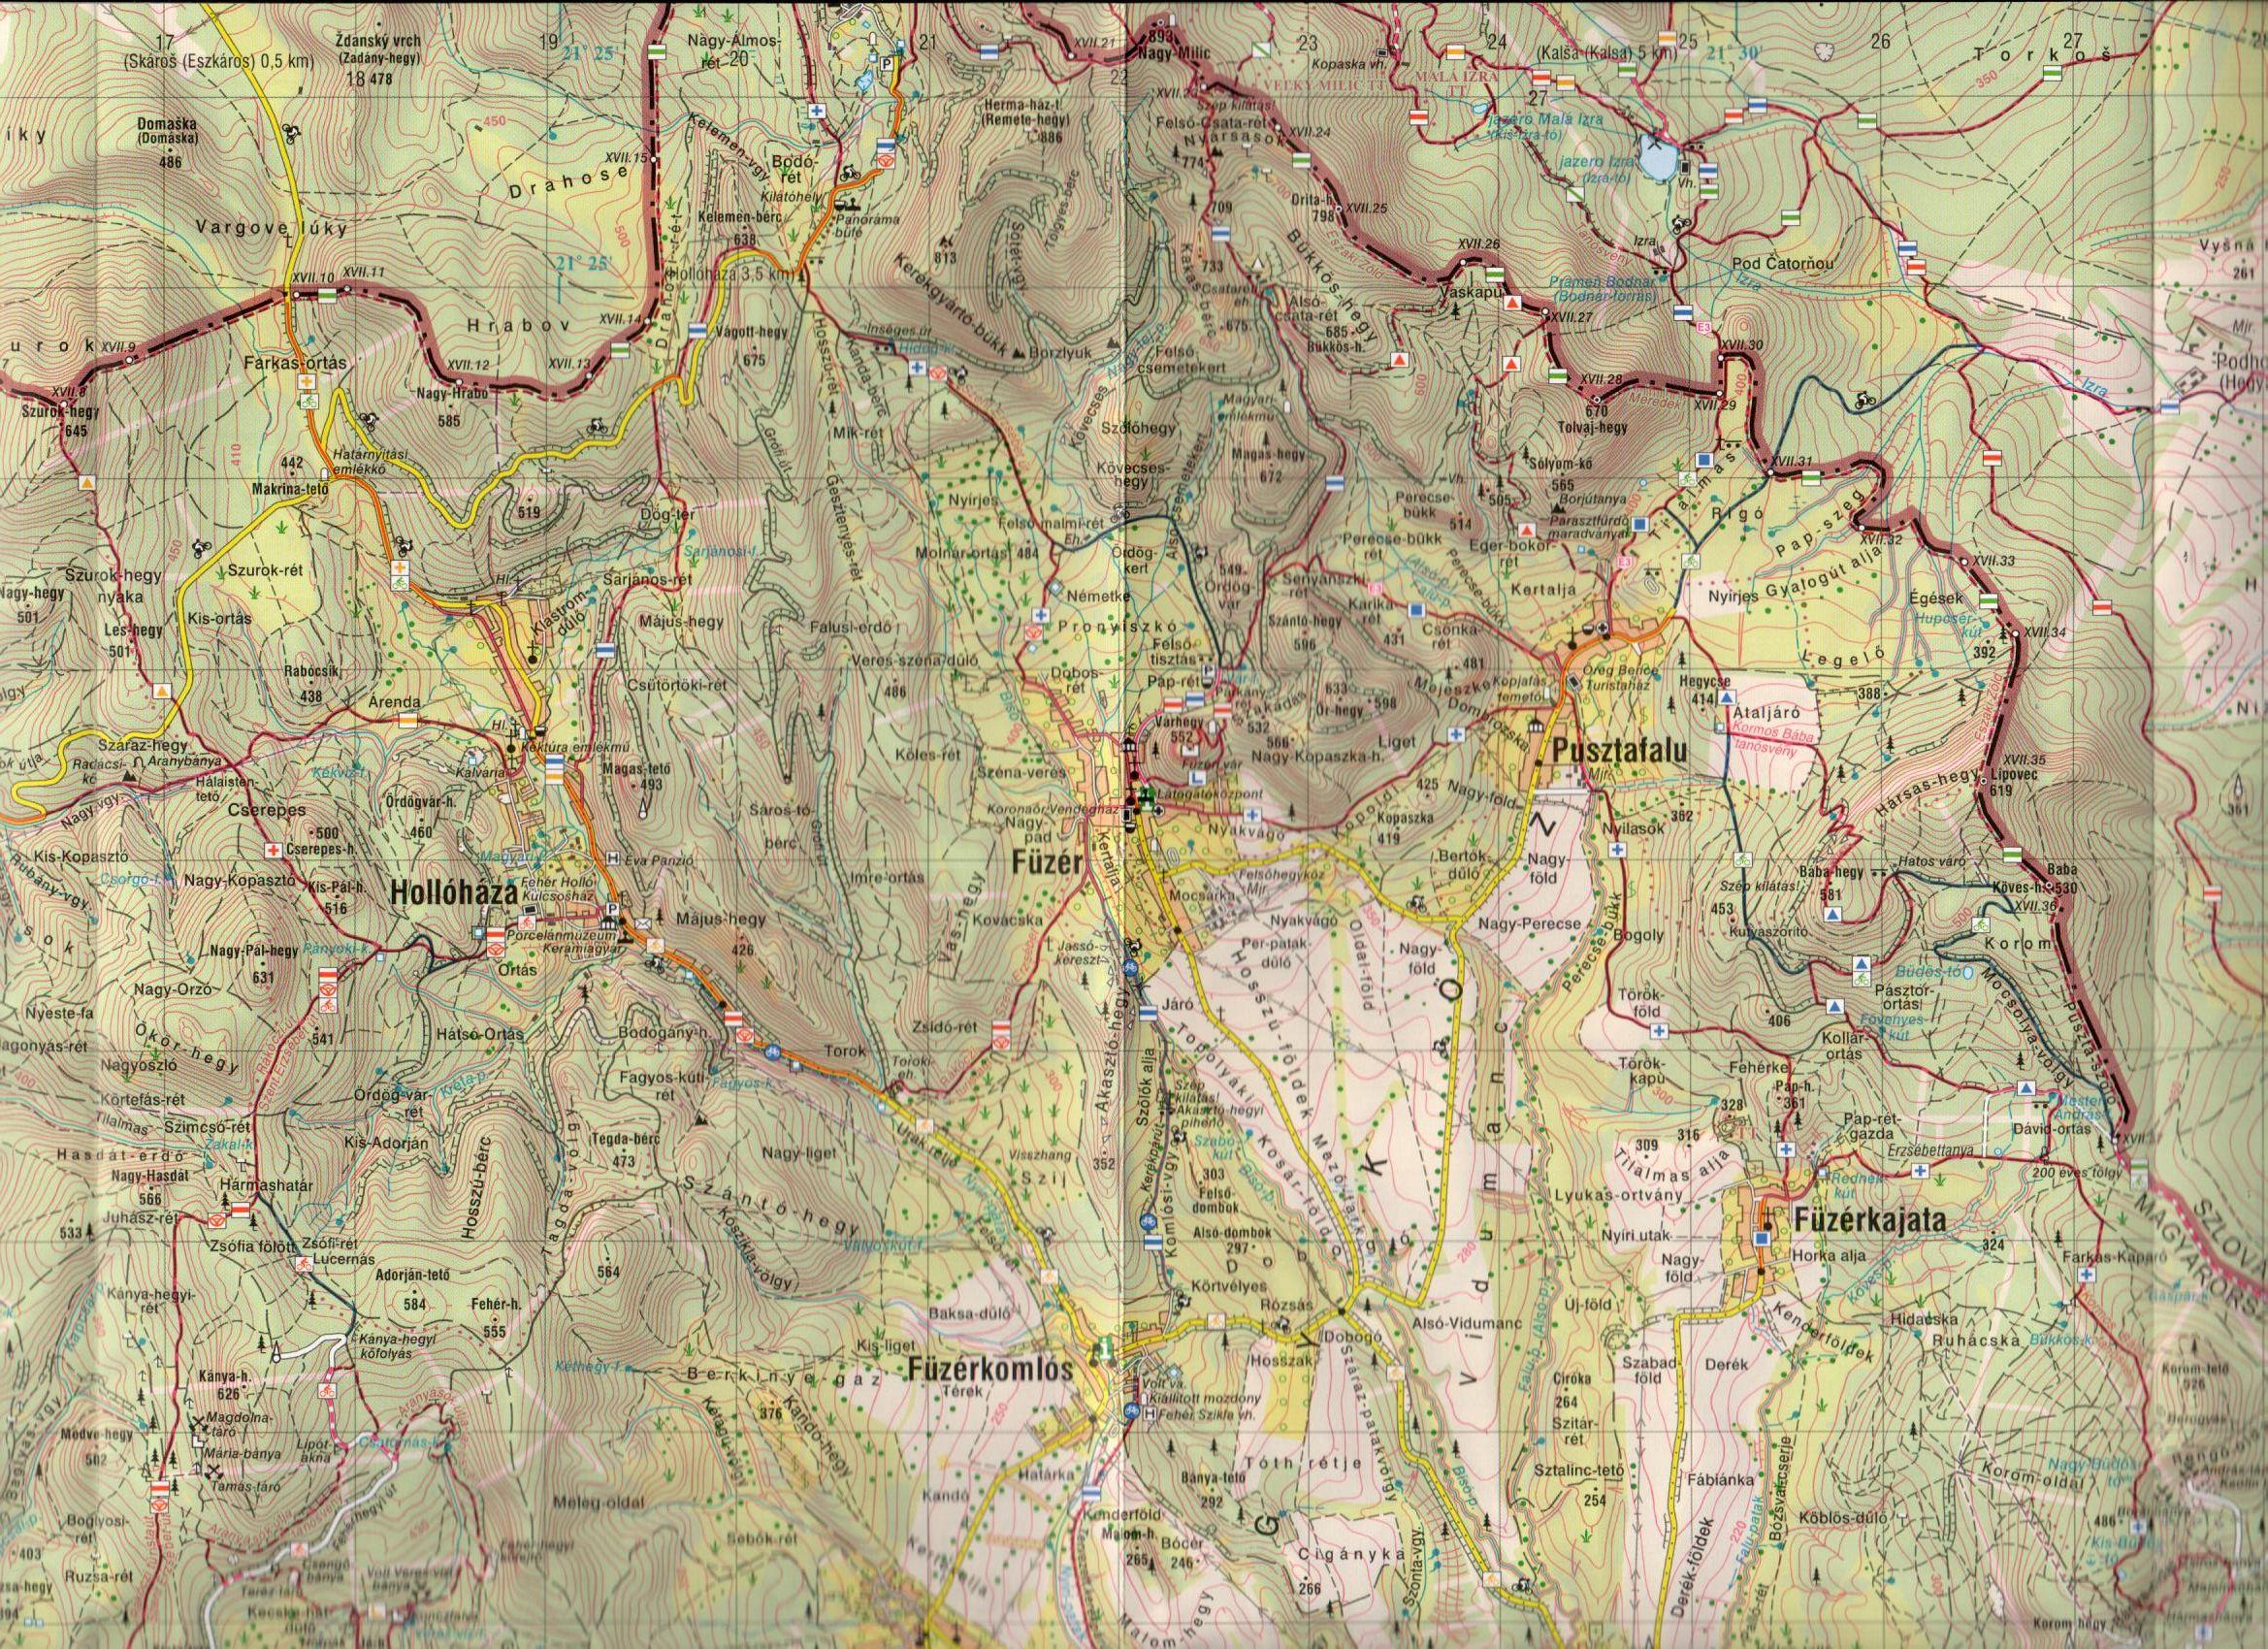 Zempléni-hg északi rész: térképminta